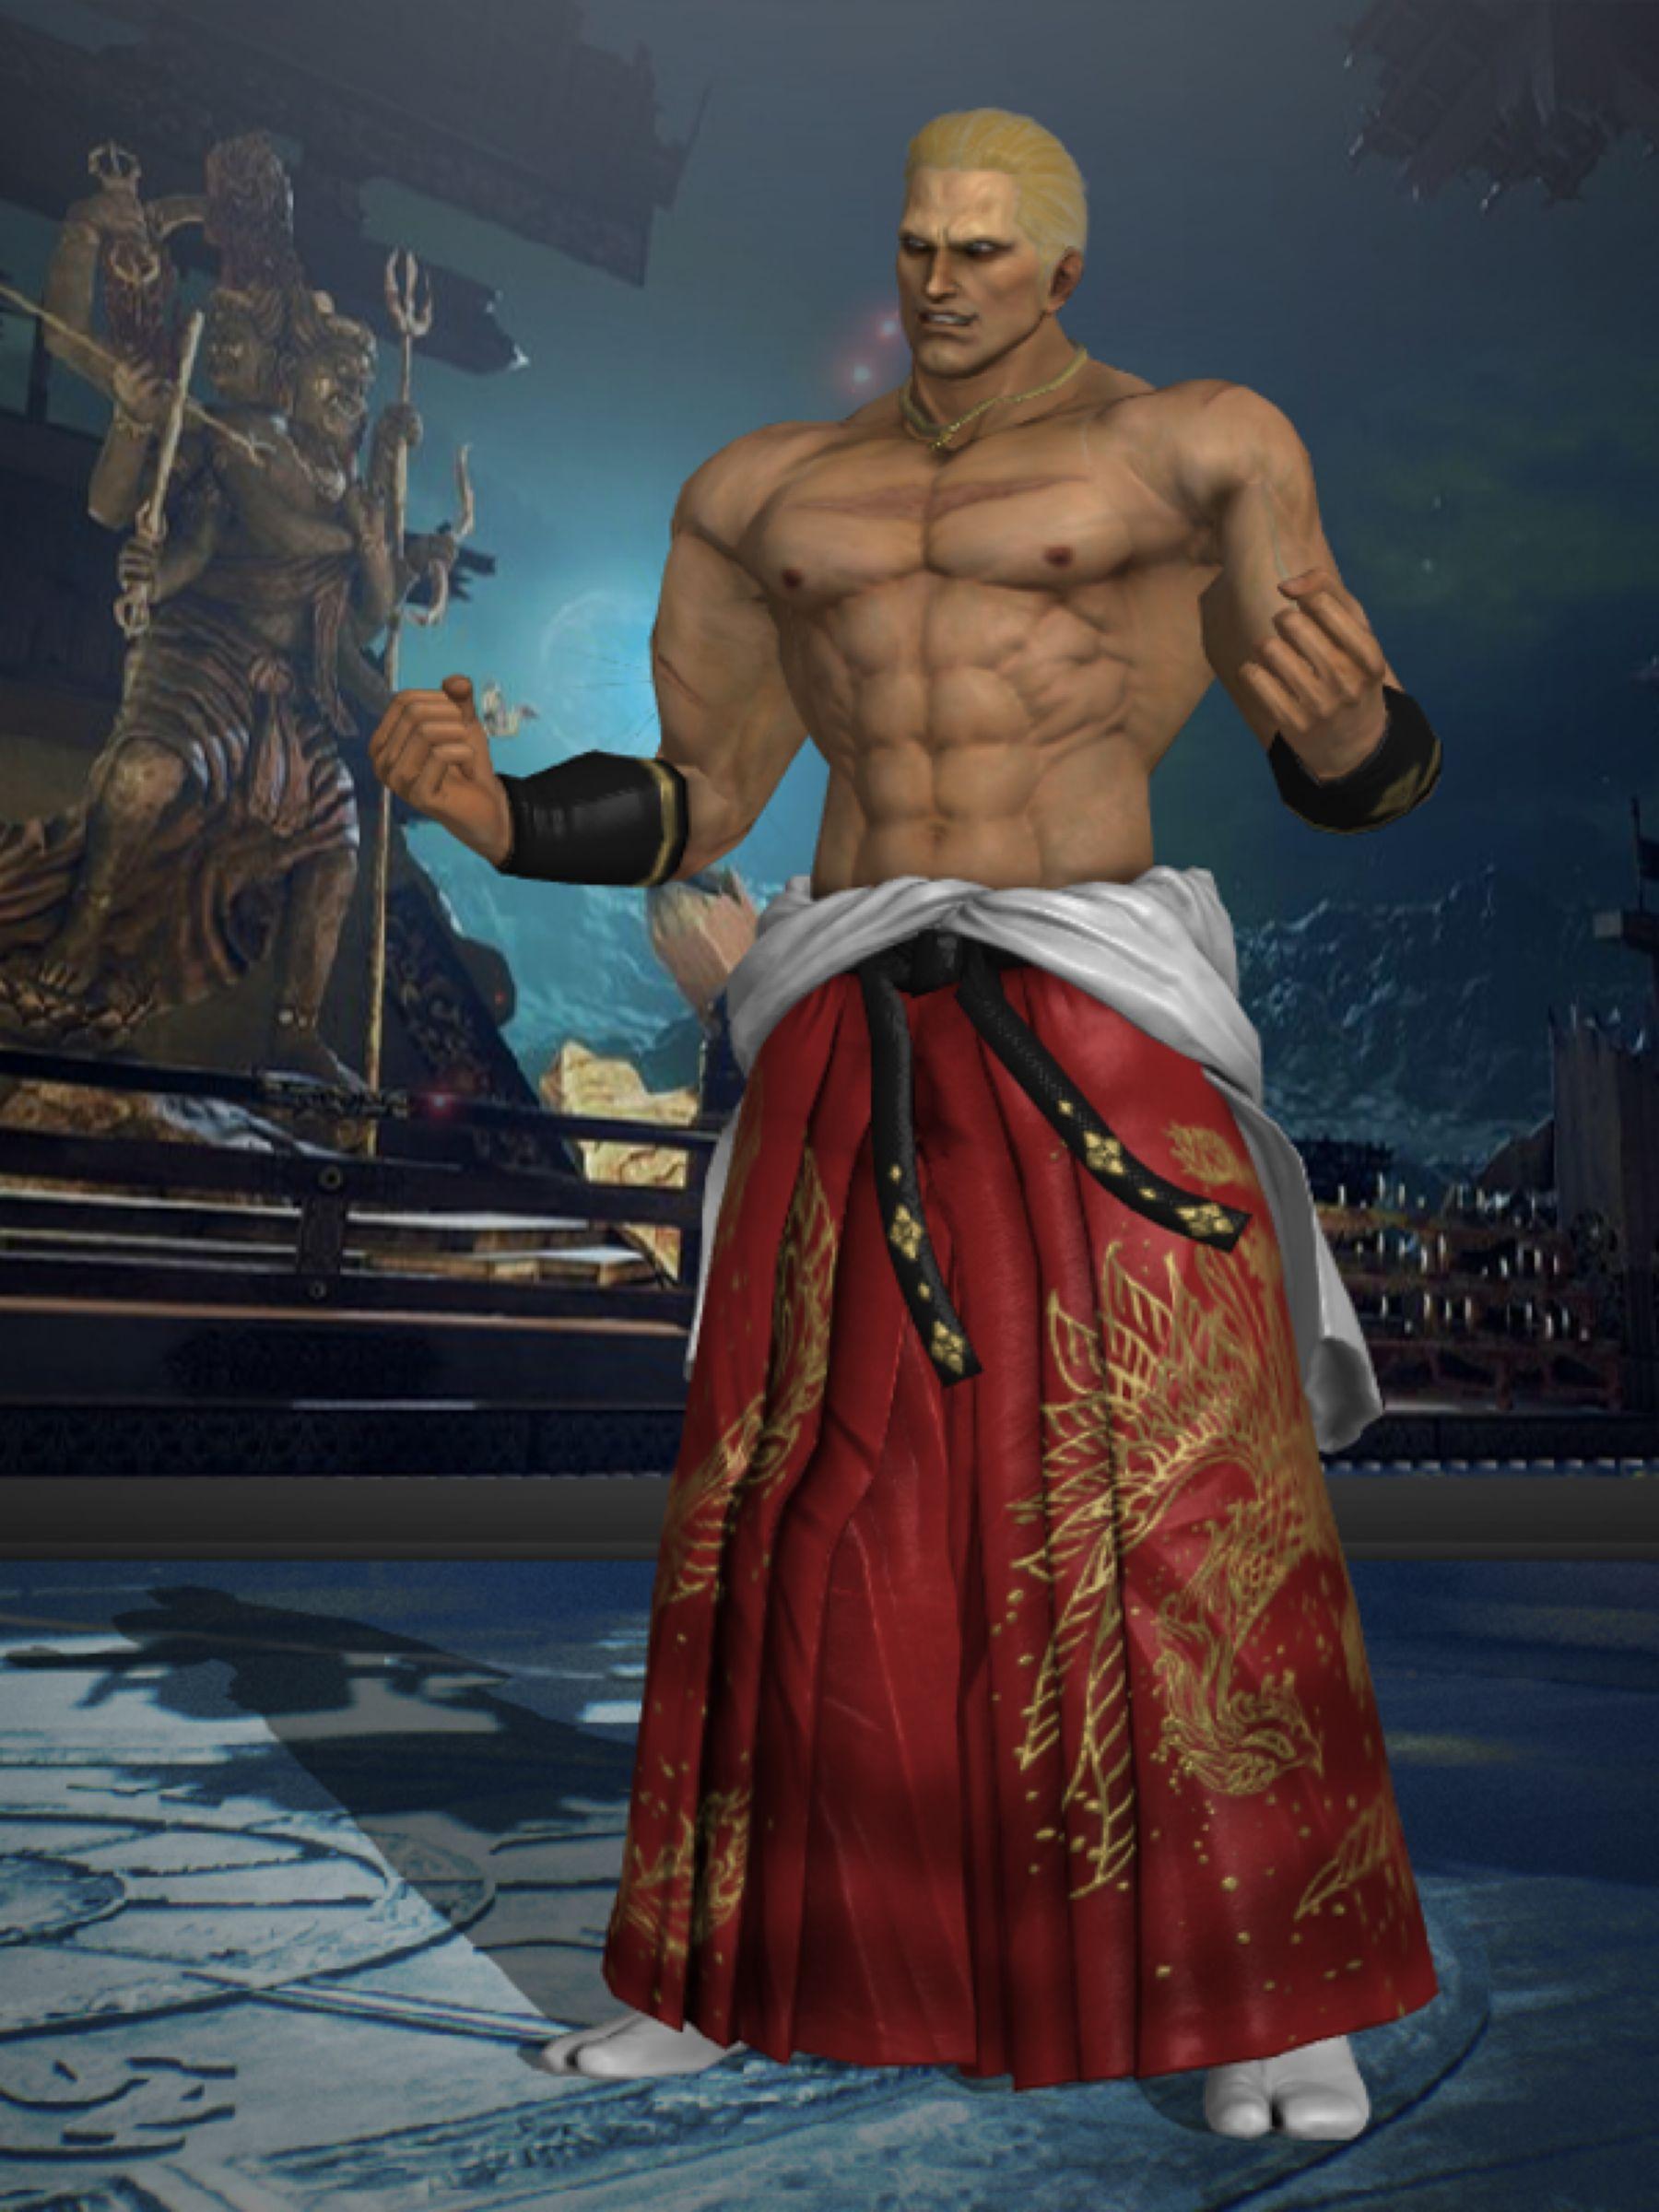 Tekken 7 Geese Howard By Burningenchanter On Deviantart King Of Fighters Tekken 7 Deviantart